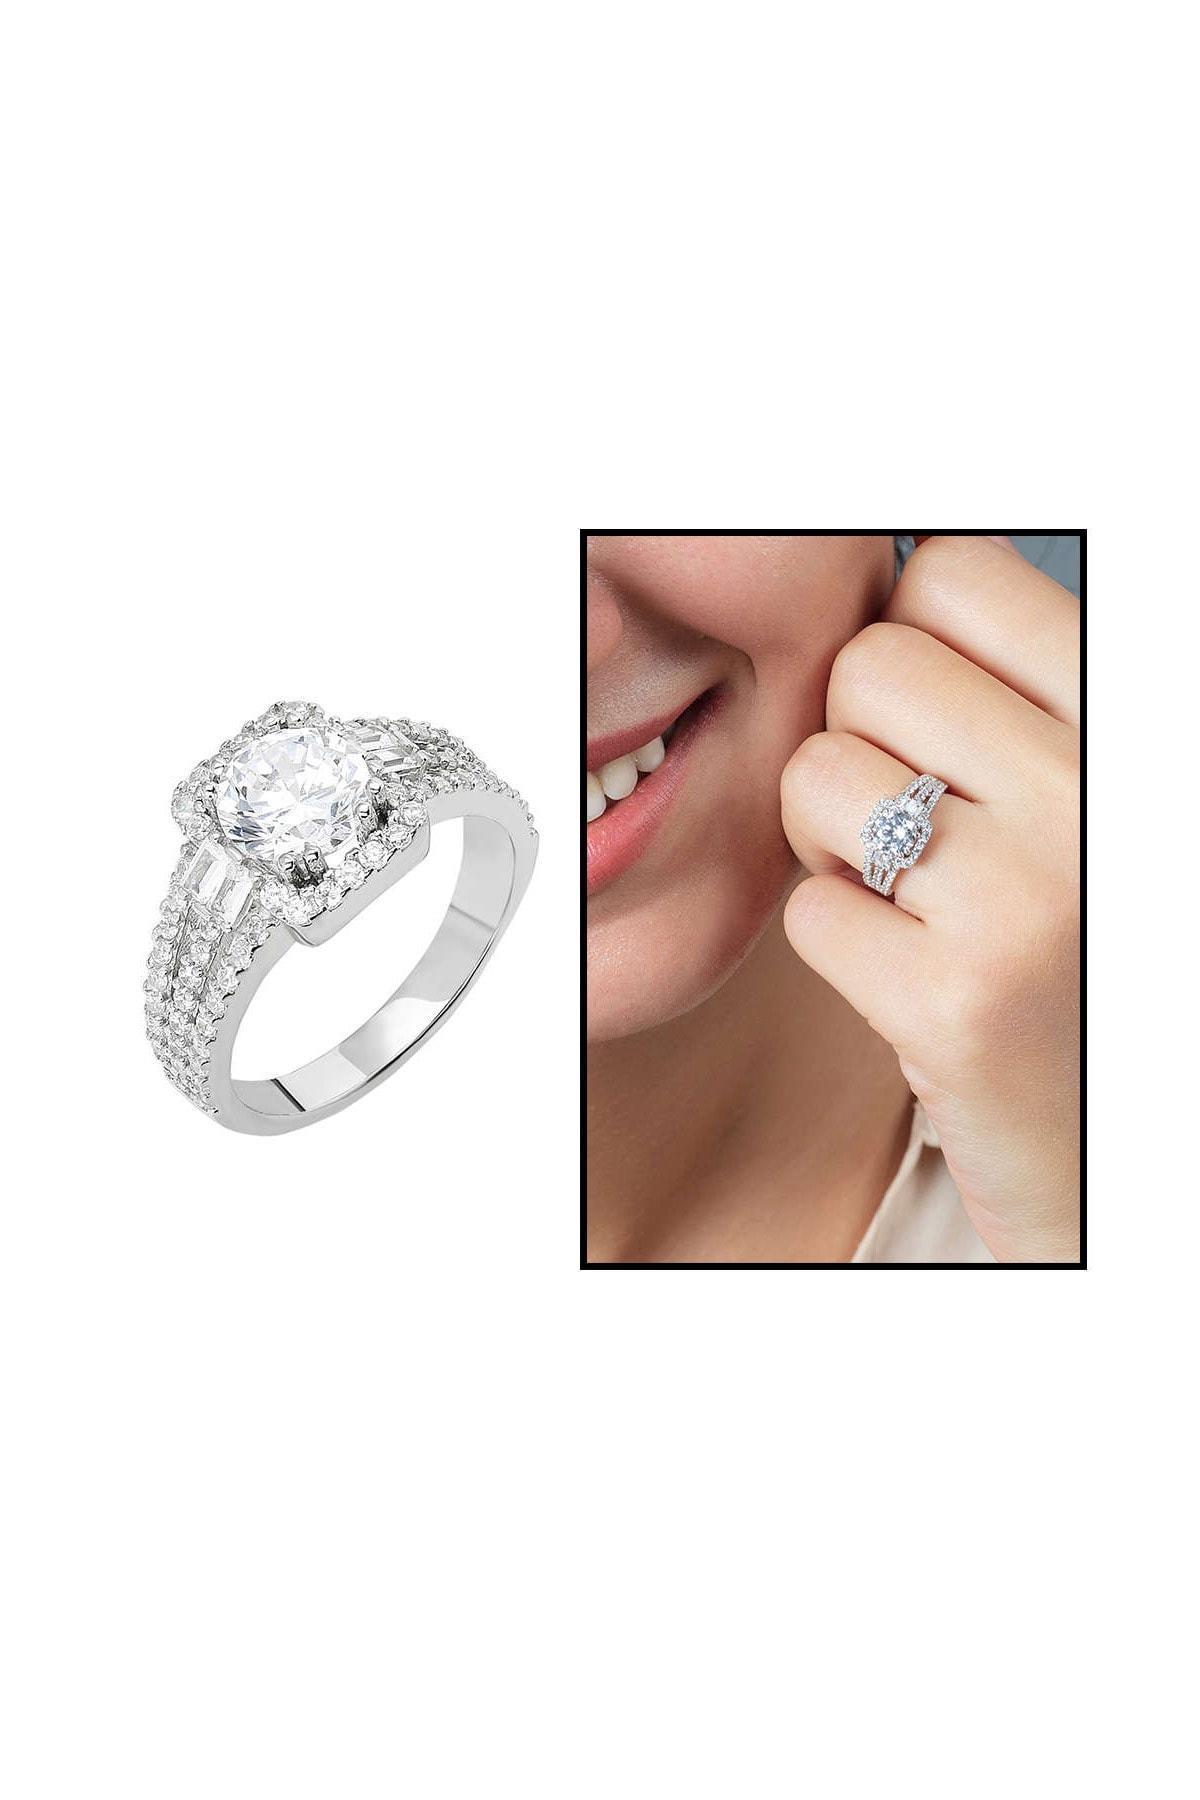 Tesbihane Starlight Diamond Pırlanta Montür Efektli 925 Ayar Gümüş Bayan Baget Yüzük 102001799 1